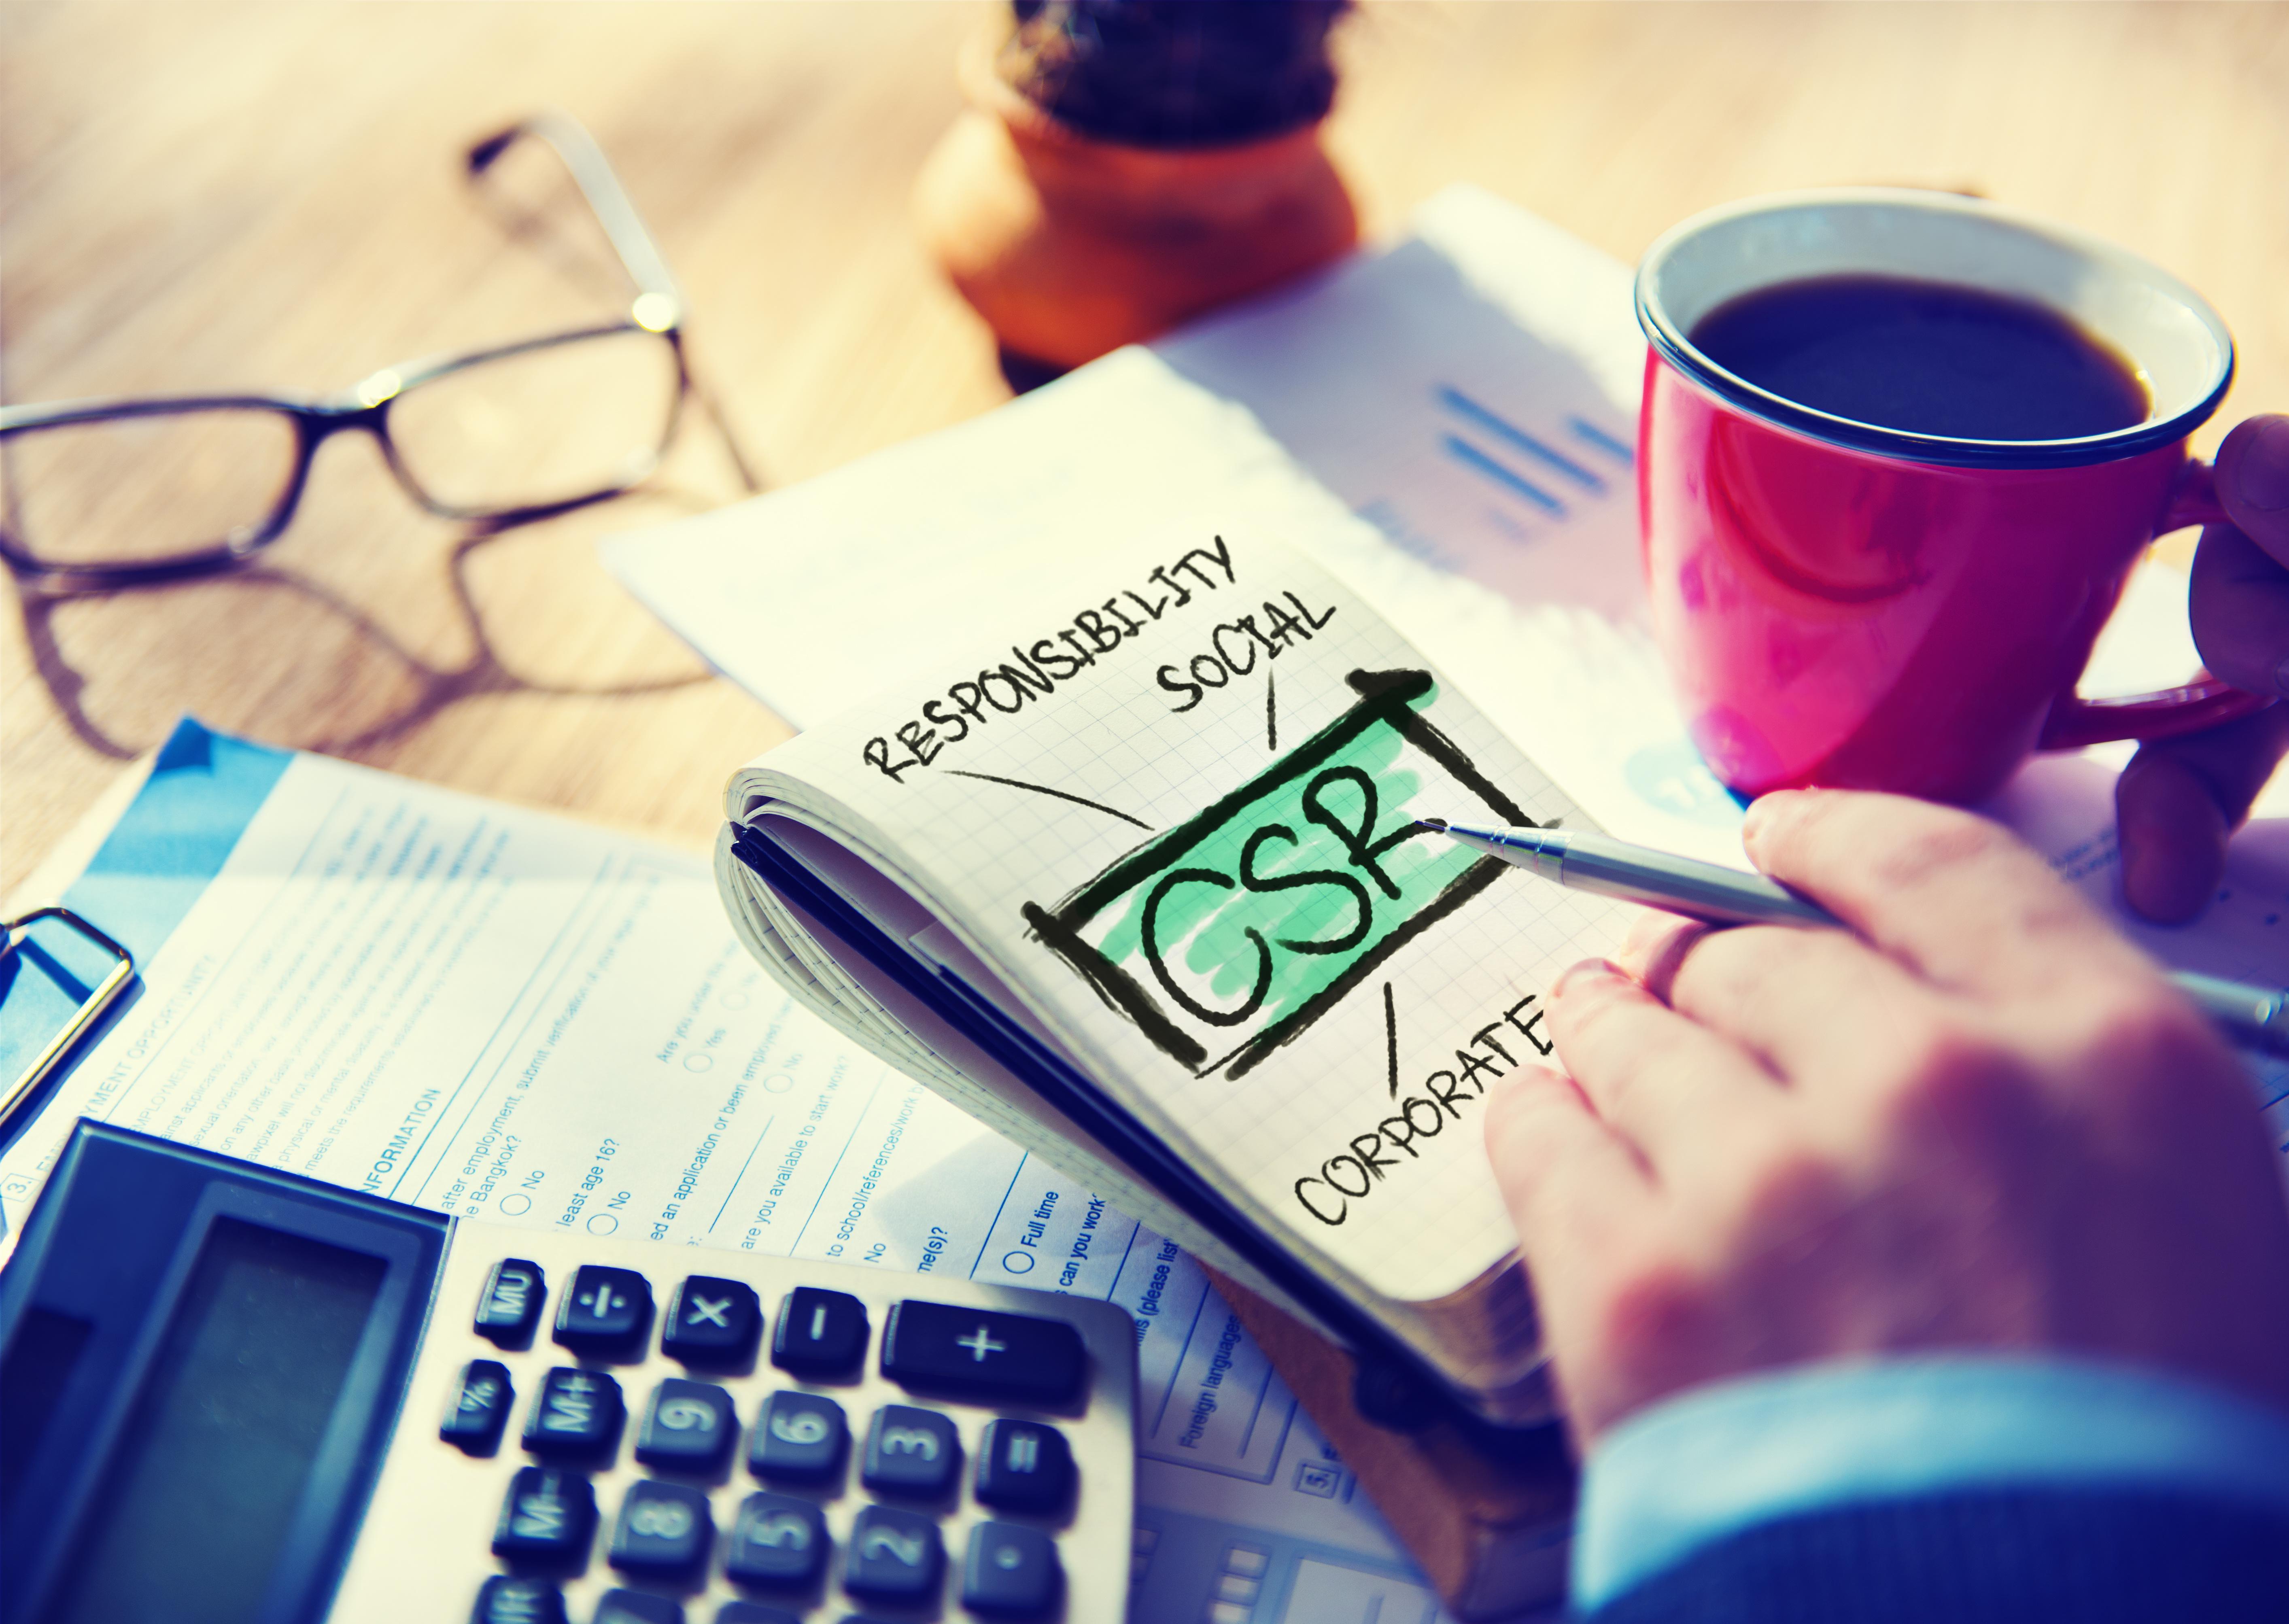 نمایشگاه CSR بازگشته است ، سفری به پایداری در 15 مرحله